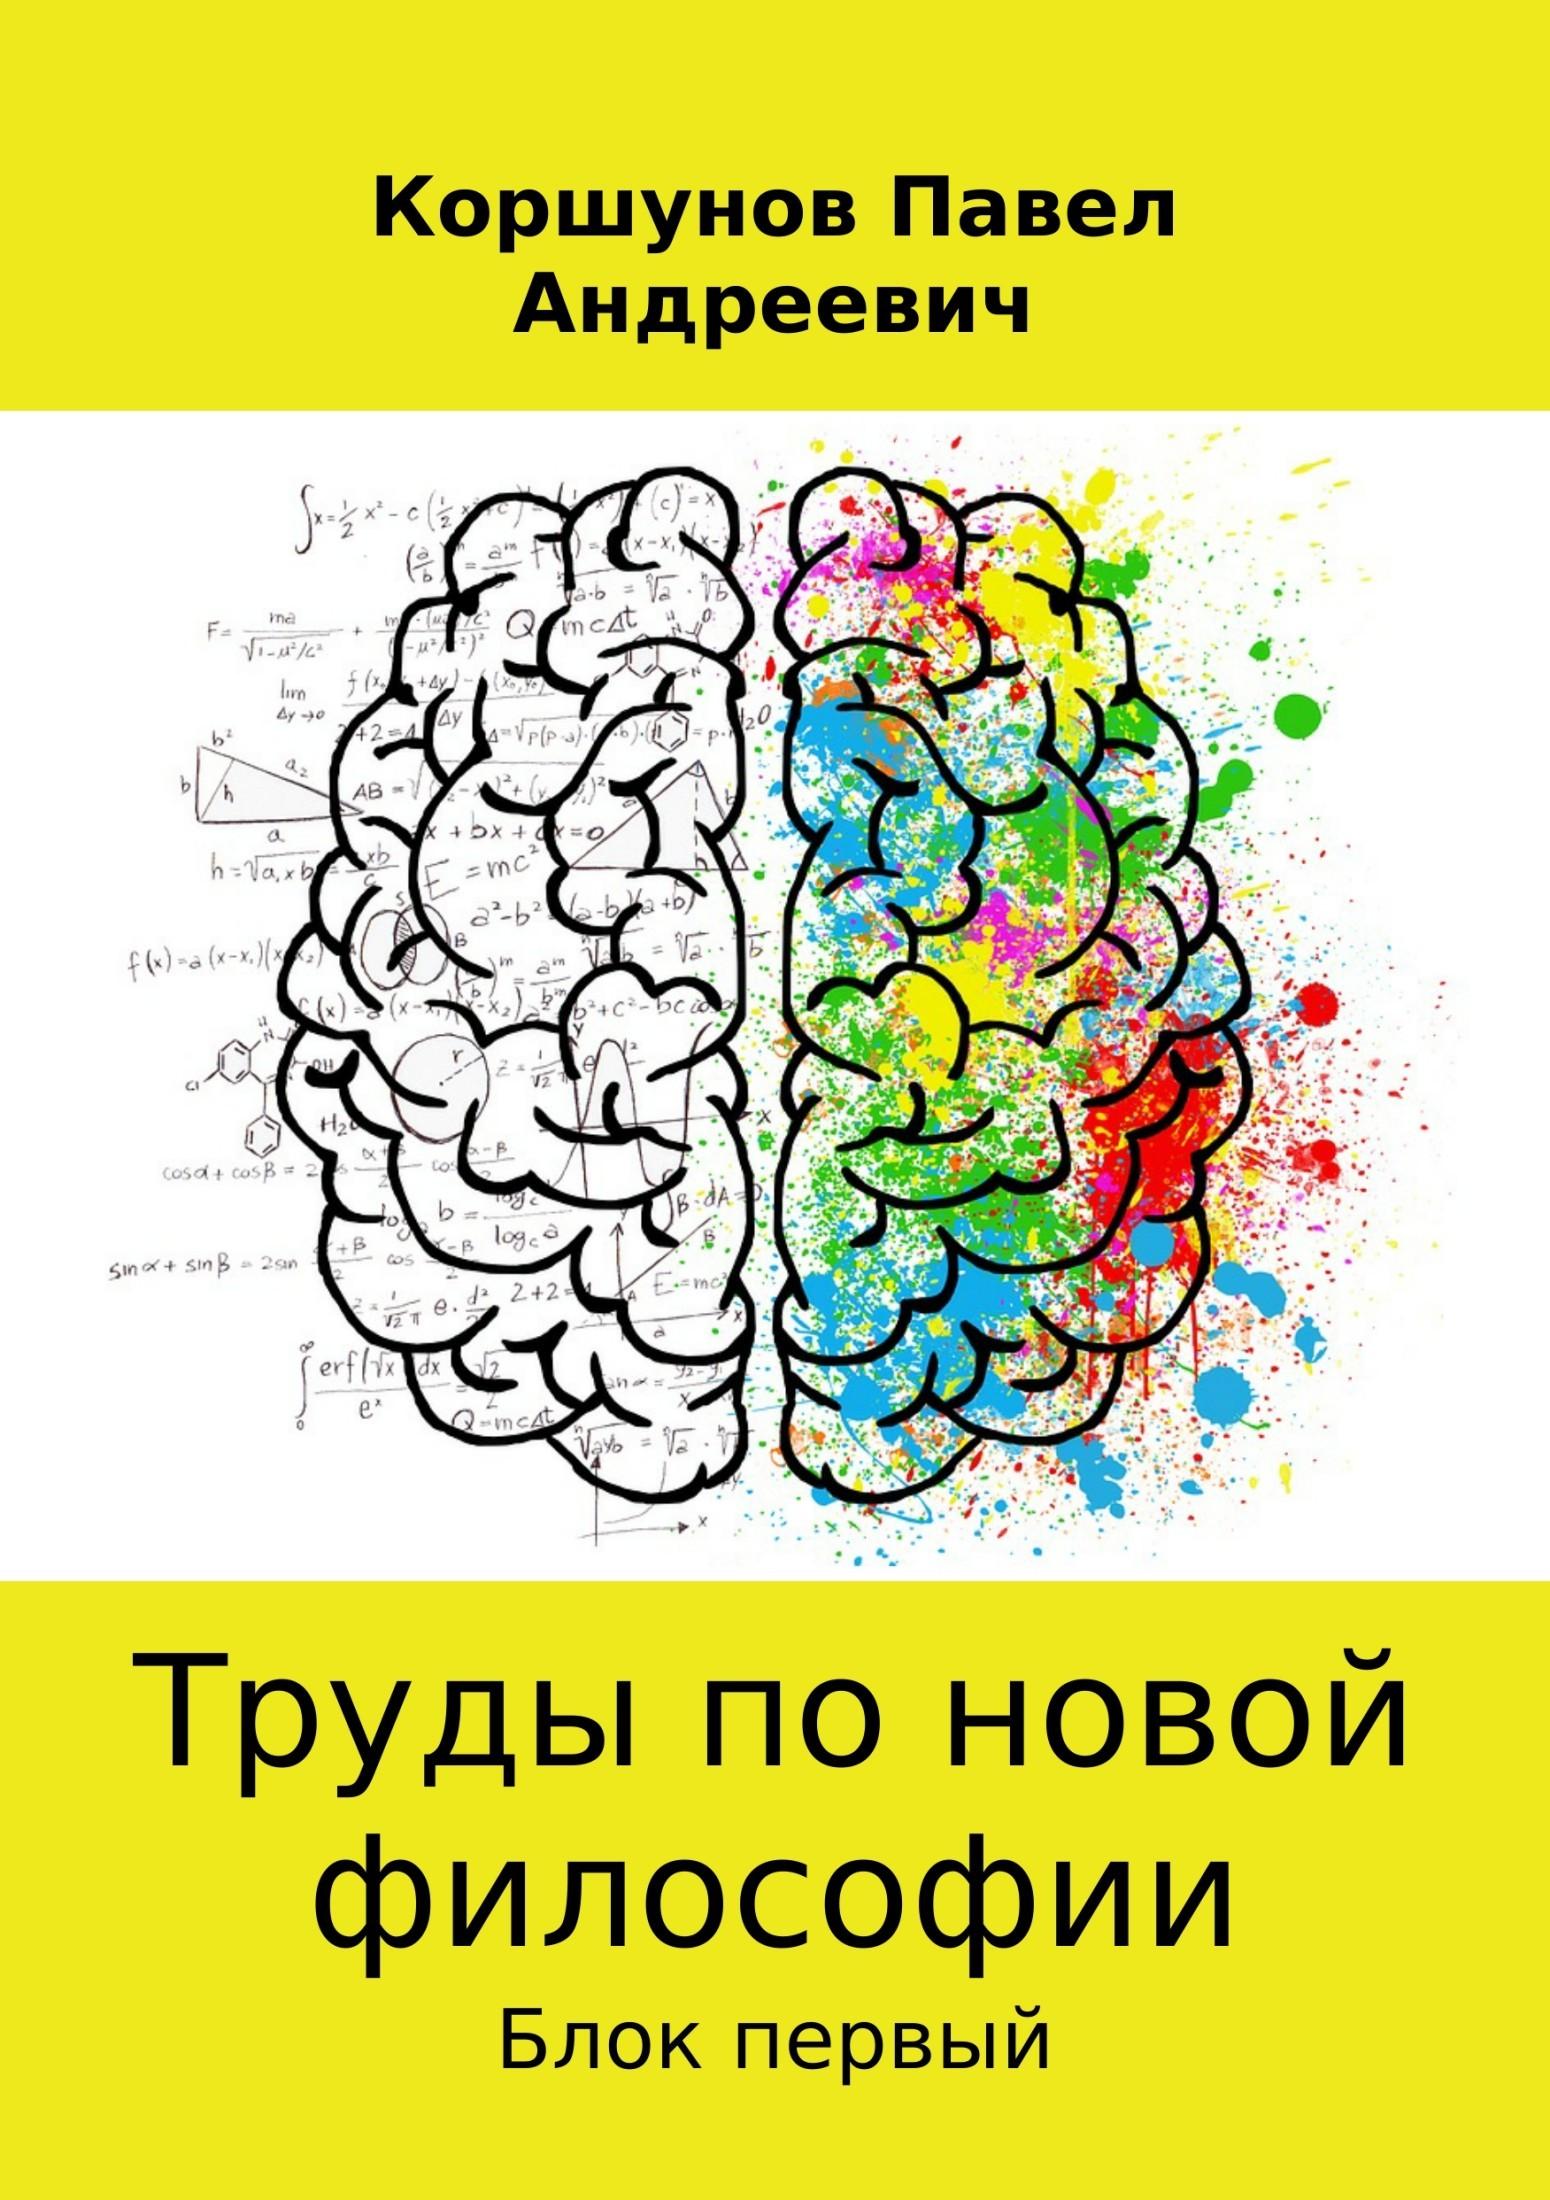 Павел Андреевич Коршунов. Труды по новой философии